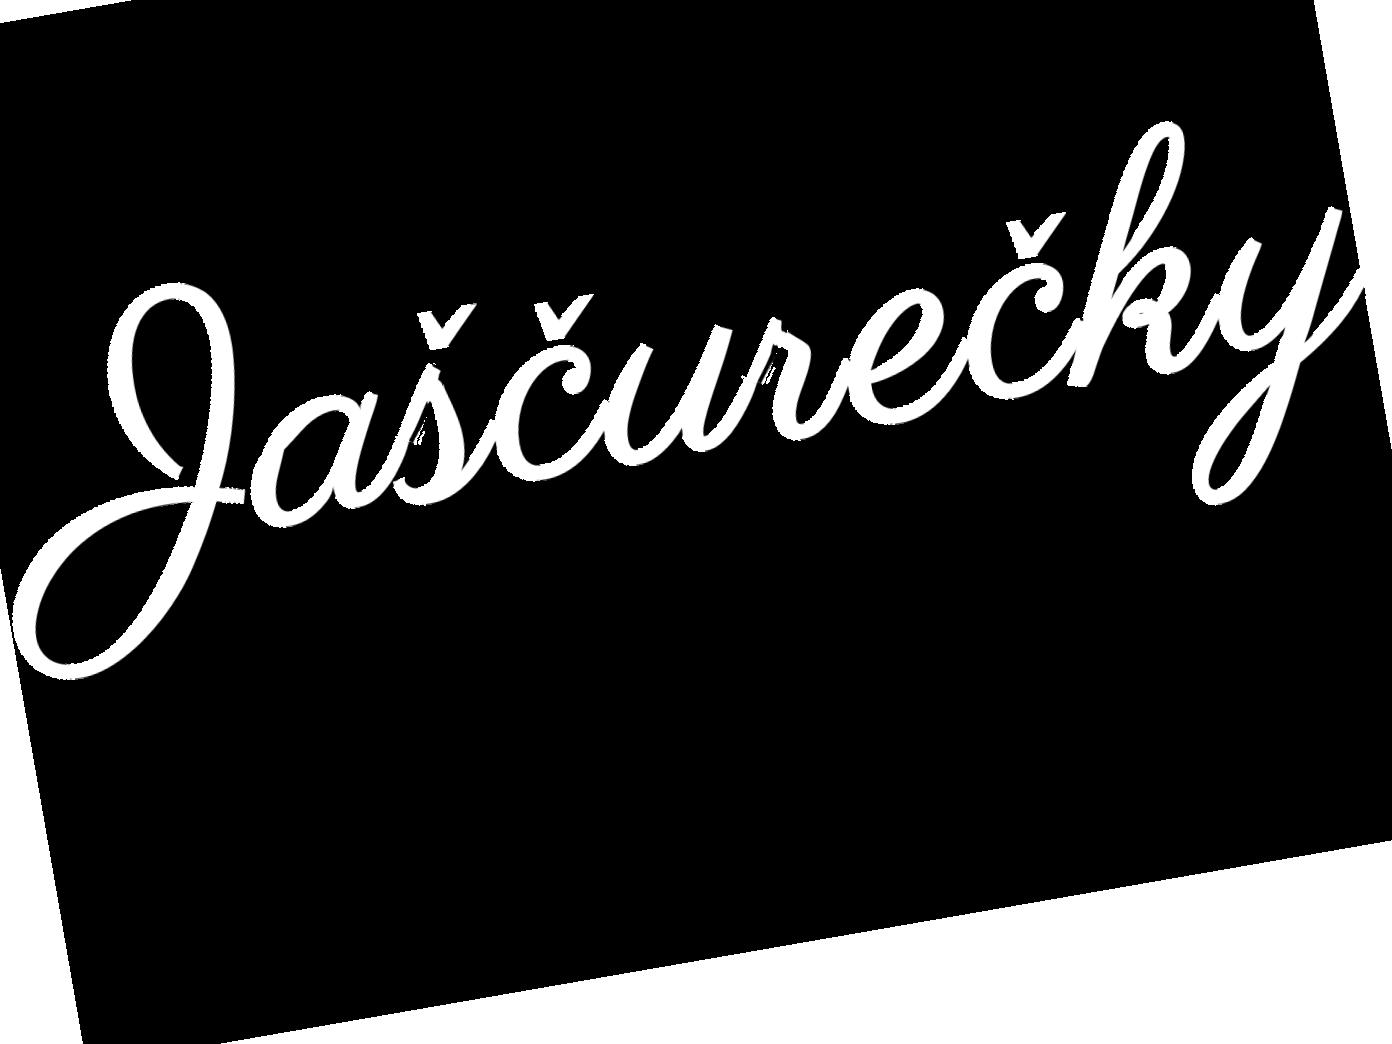 nazov_jascurecky_3